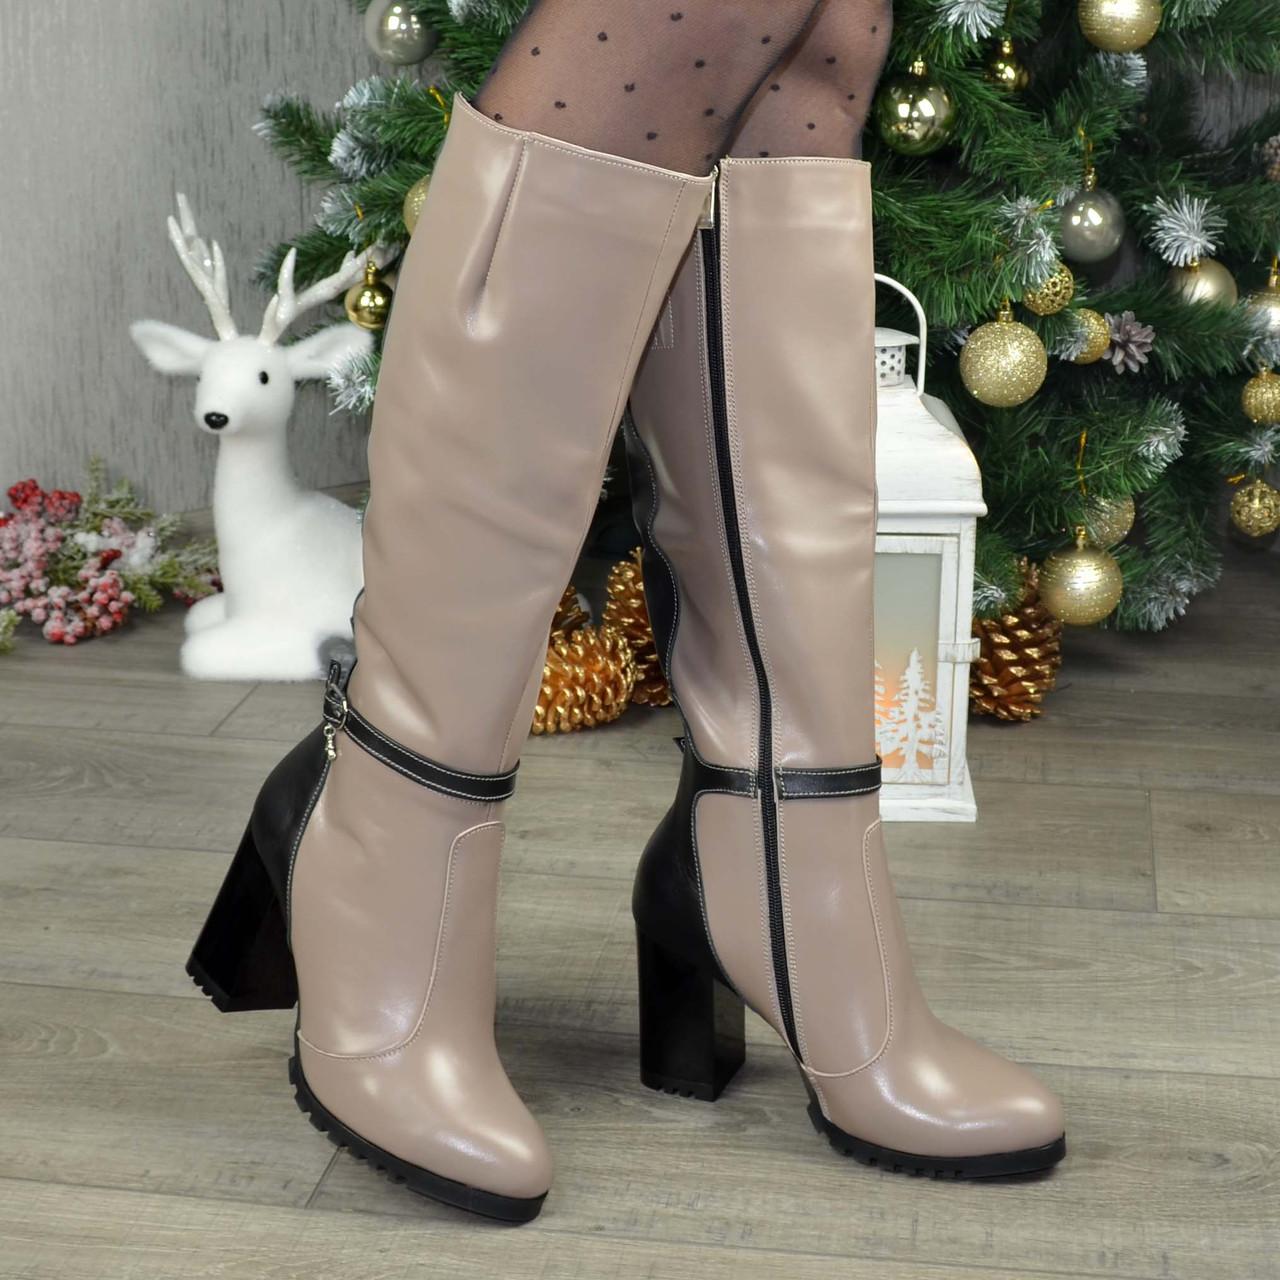 Жіночі зимові чоботи на високому стійкому каблуці, декоровані ремінцем